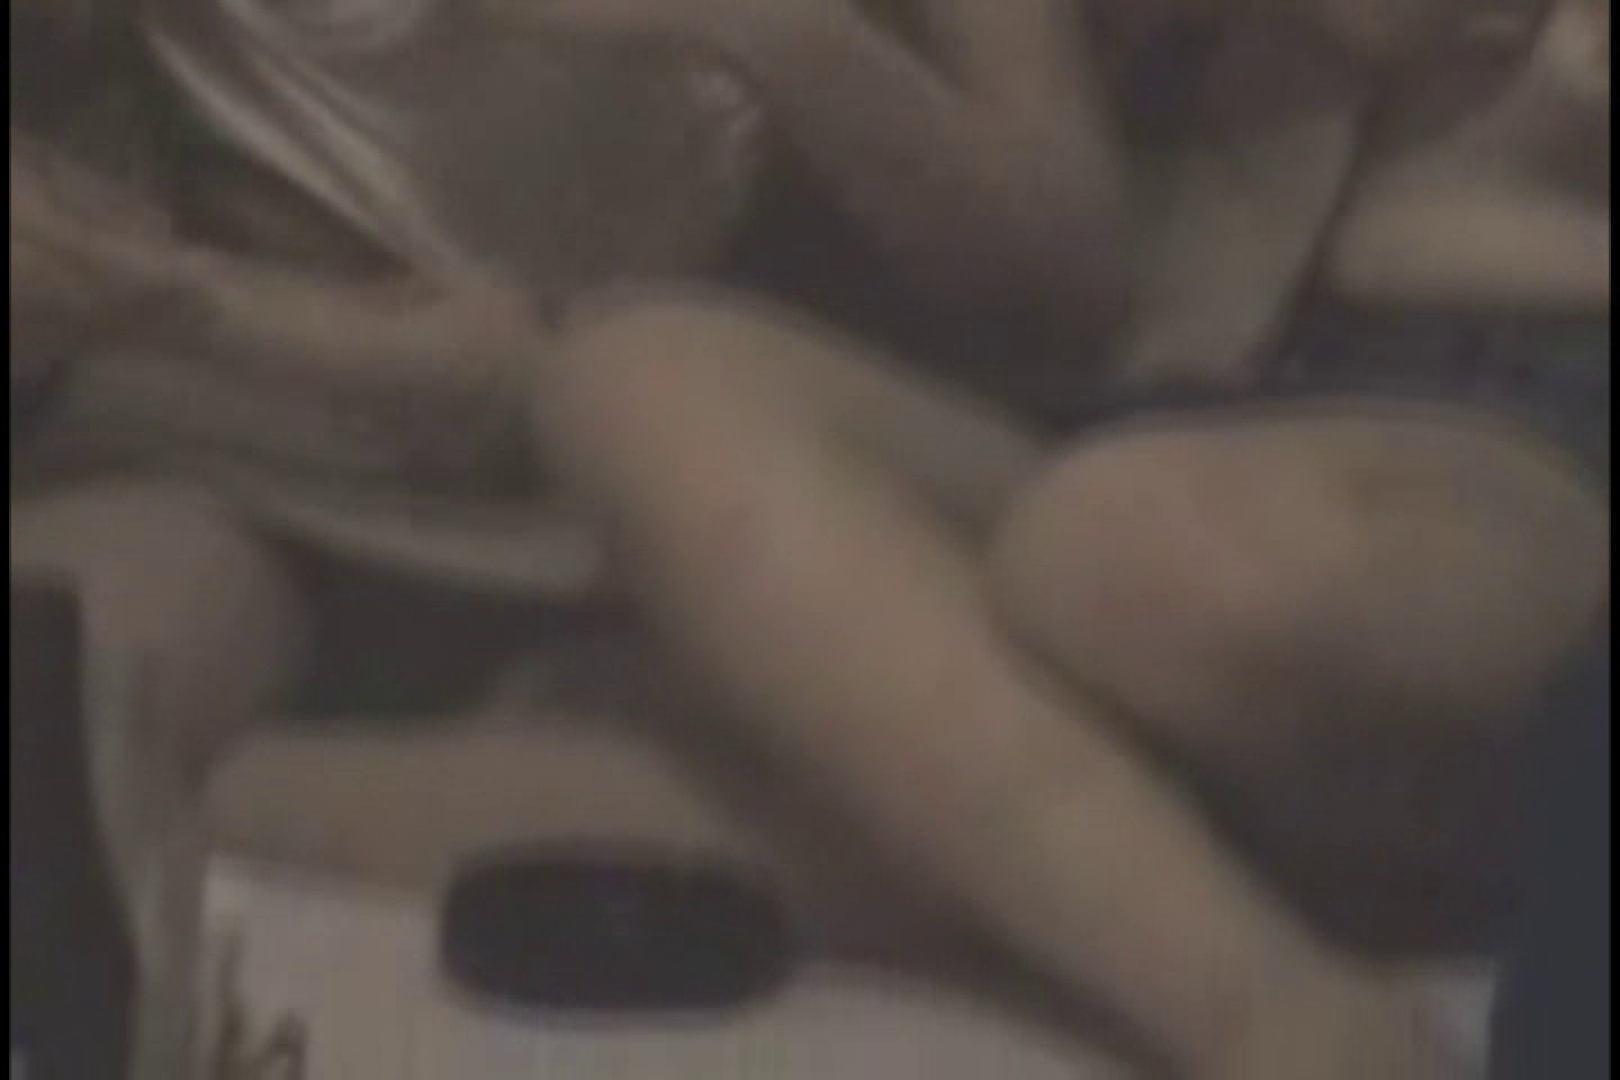 コリアン素人流出シリーズ 素人セフレ仲間でセックスパーティー マンコがいっぱい ワレメ動画紹介 94pic 13